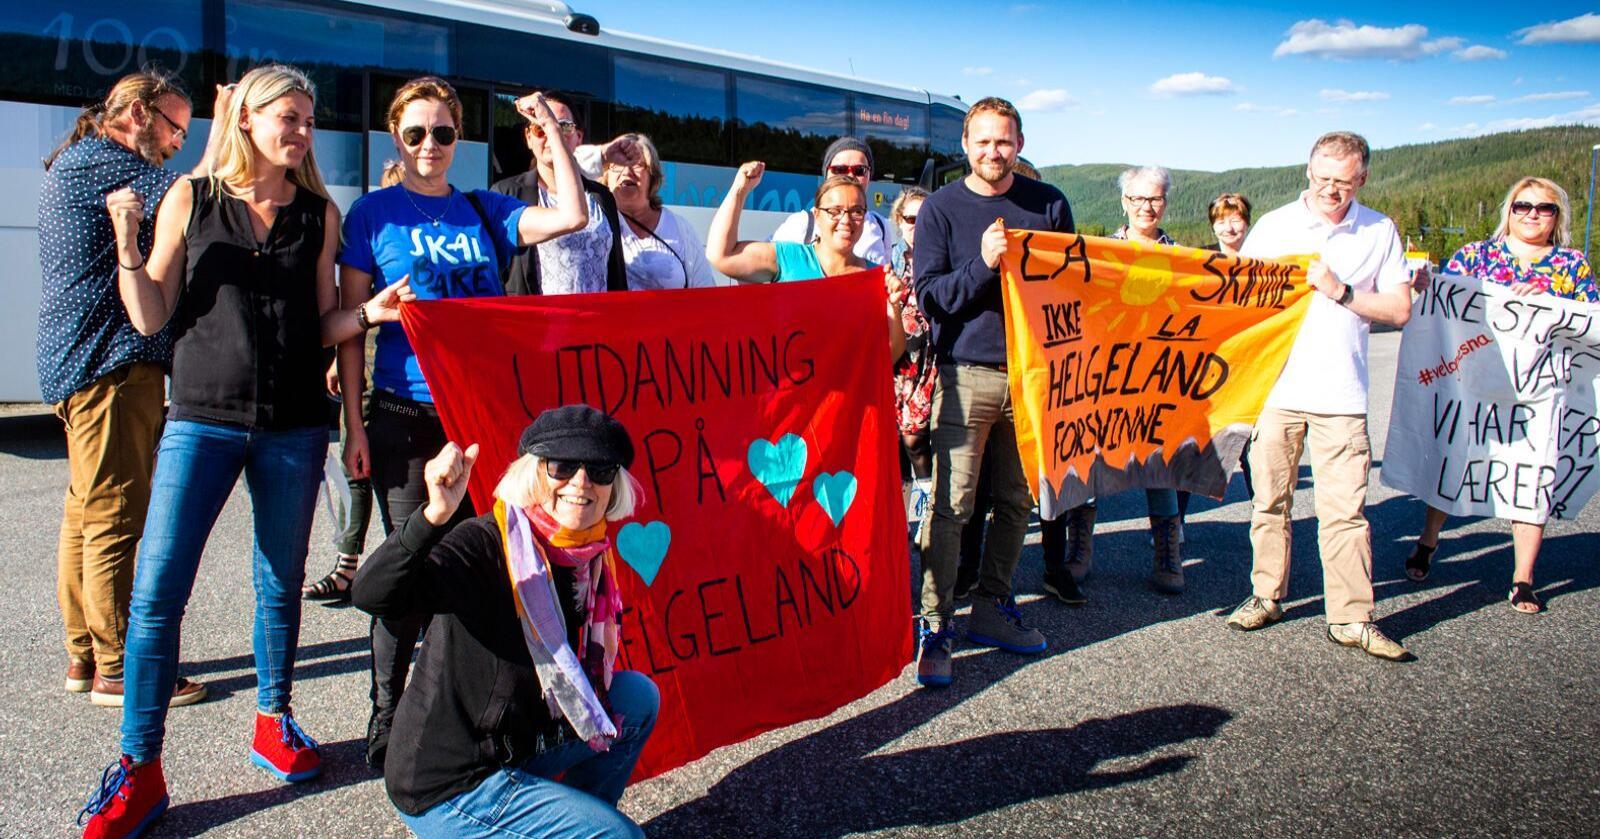 Det var store demonstrasjoner på Helgeland da Nord Universitet vedtok å legge ned høgskoletilbudet på Nesna i 2019. Foto: Hans Petter Sørensen / Folkeaksjonen for høyere utdanning på Helgeland / NTB